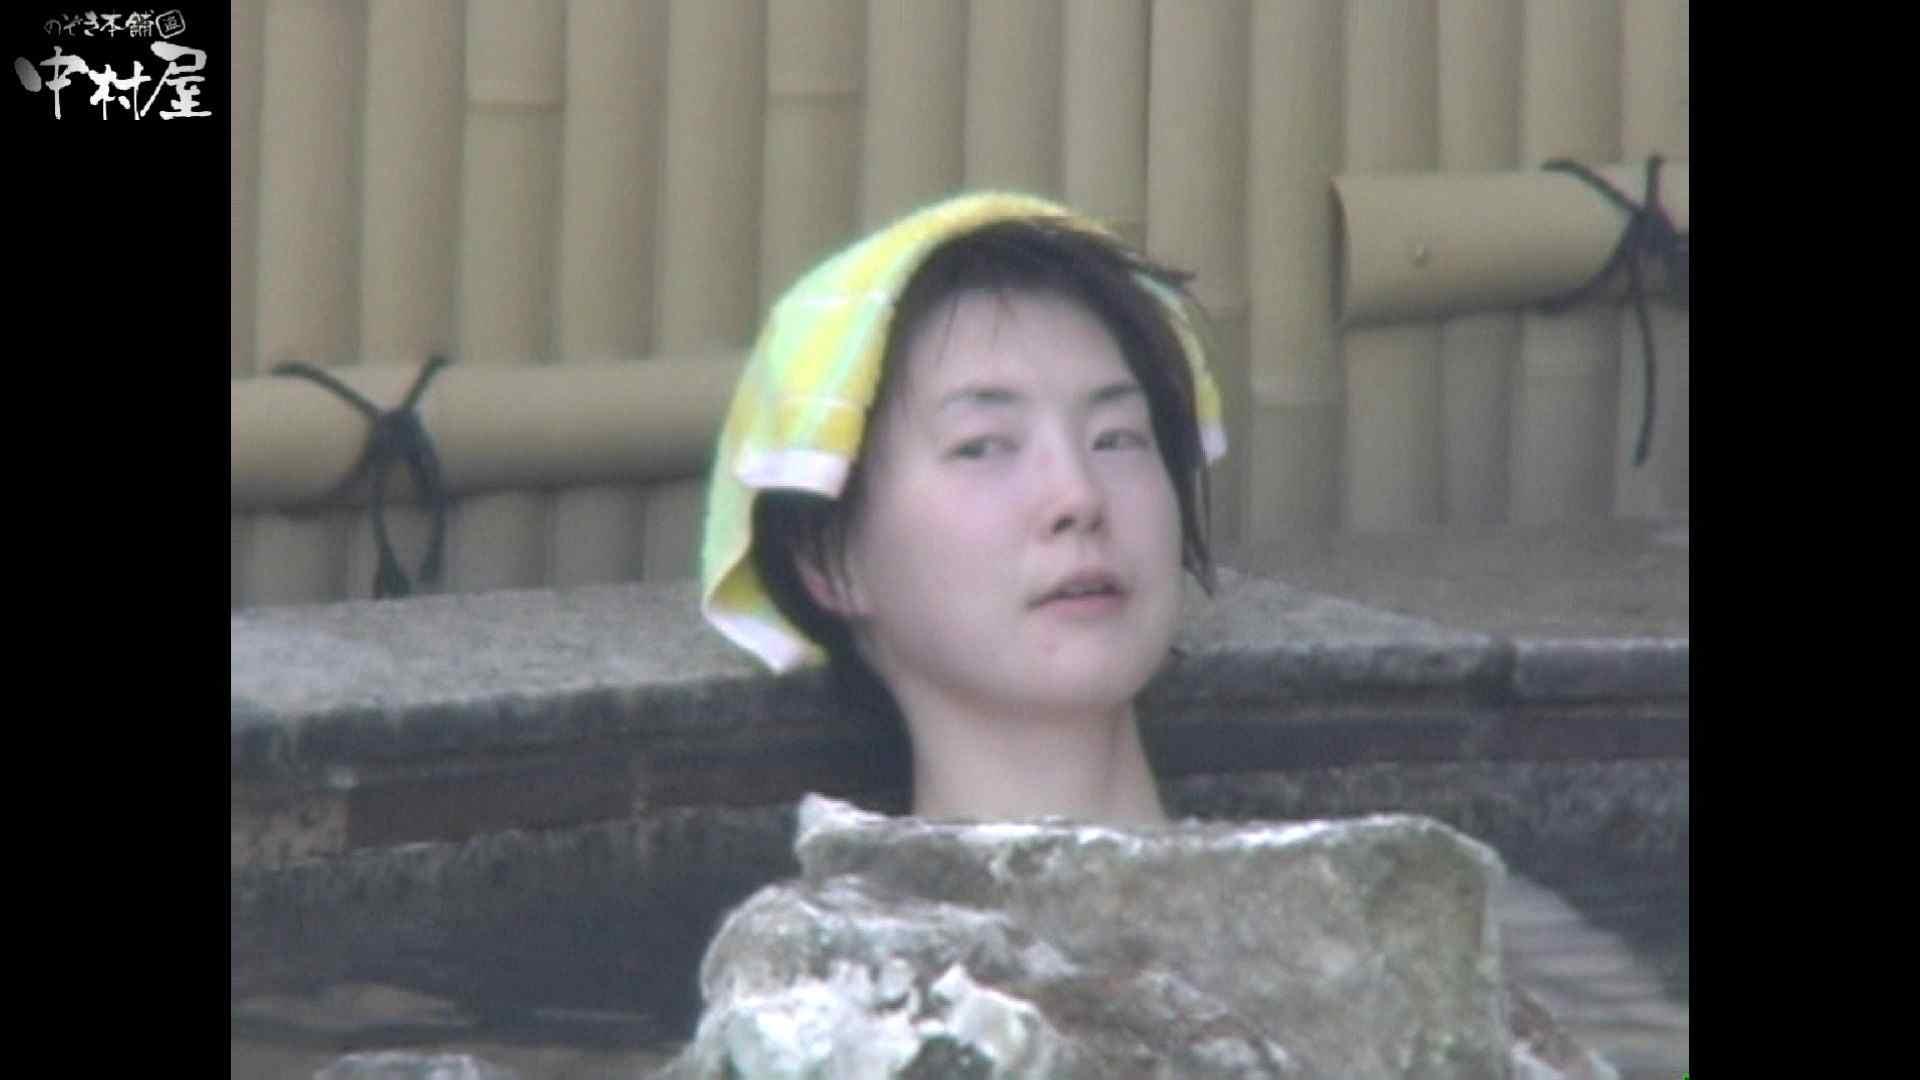 Aquaな露天風呂Vol.938 HなOL SEX無修正画像 111pic 58